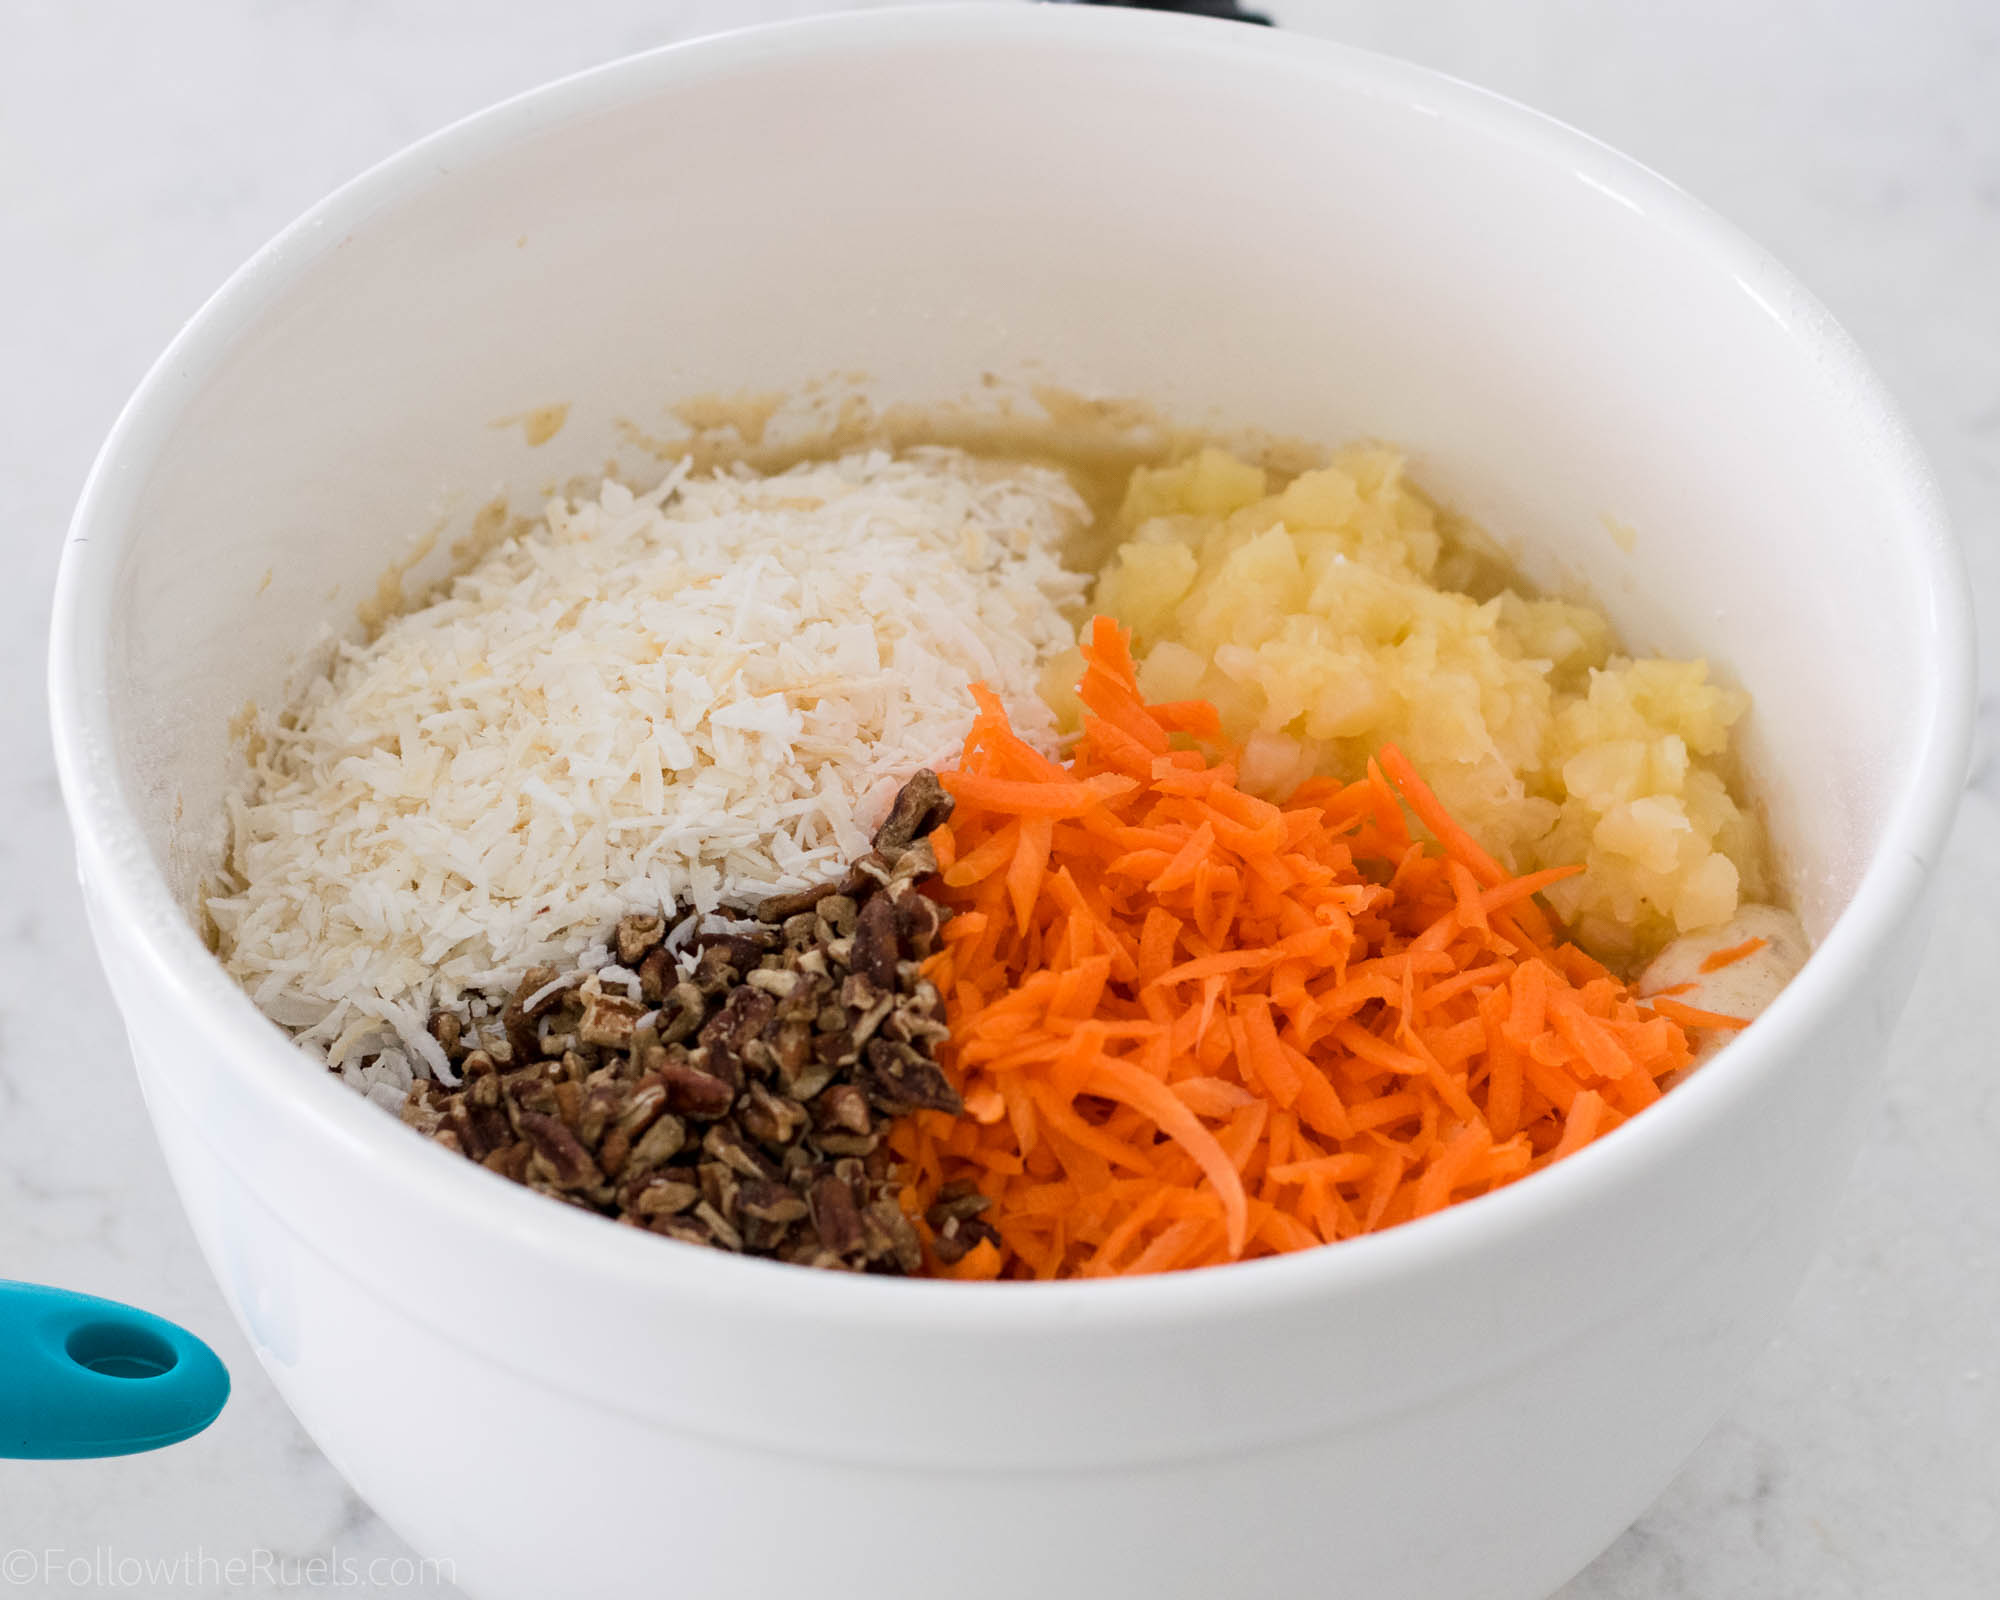 Carrot-Cake-5.jpg